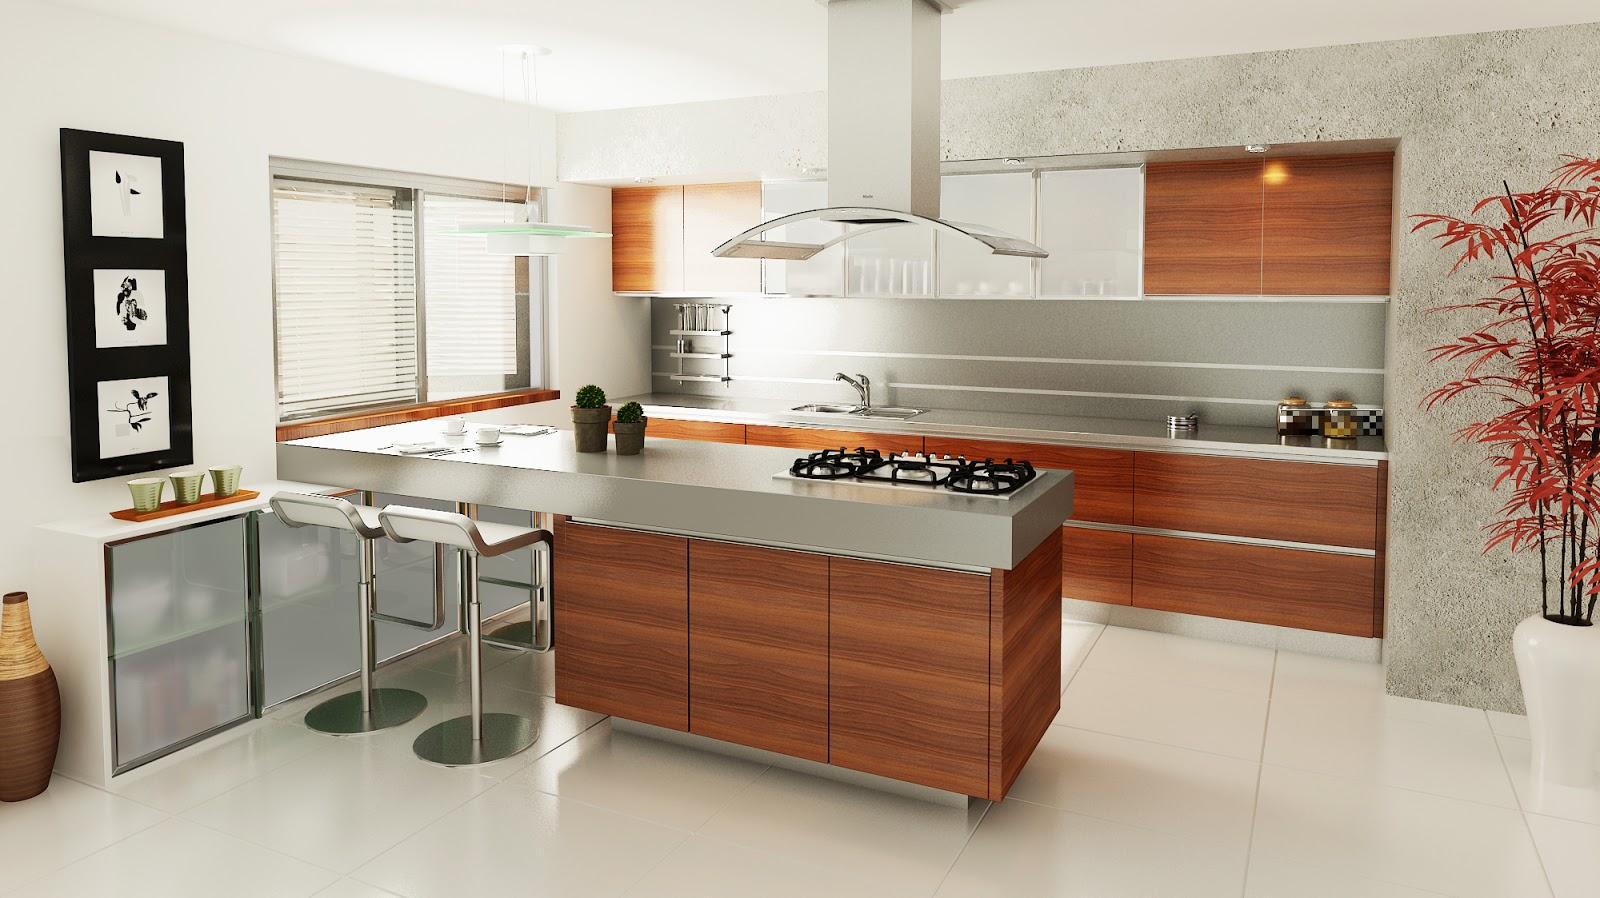 arquitectura en im genes 3d dise o de interiores cocinas